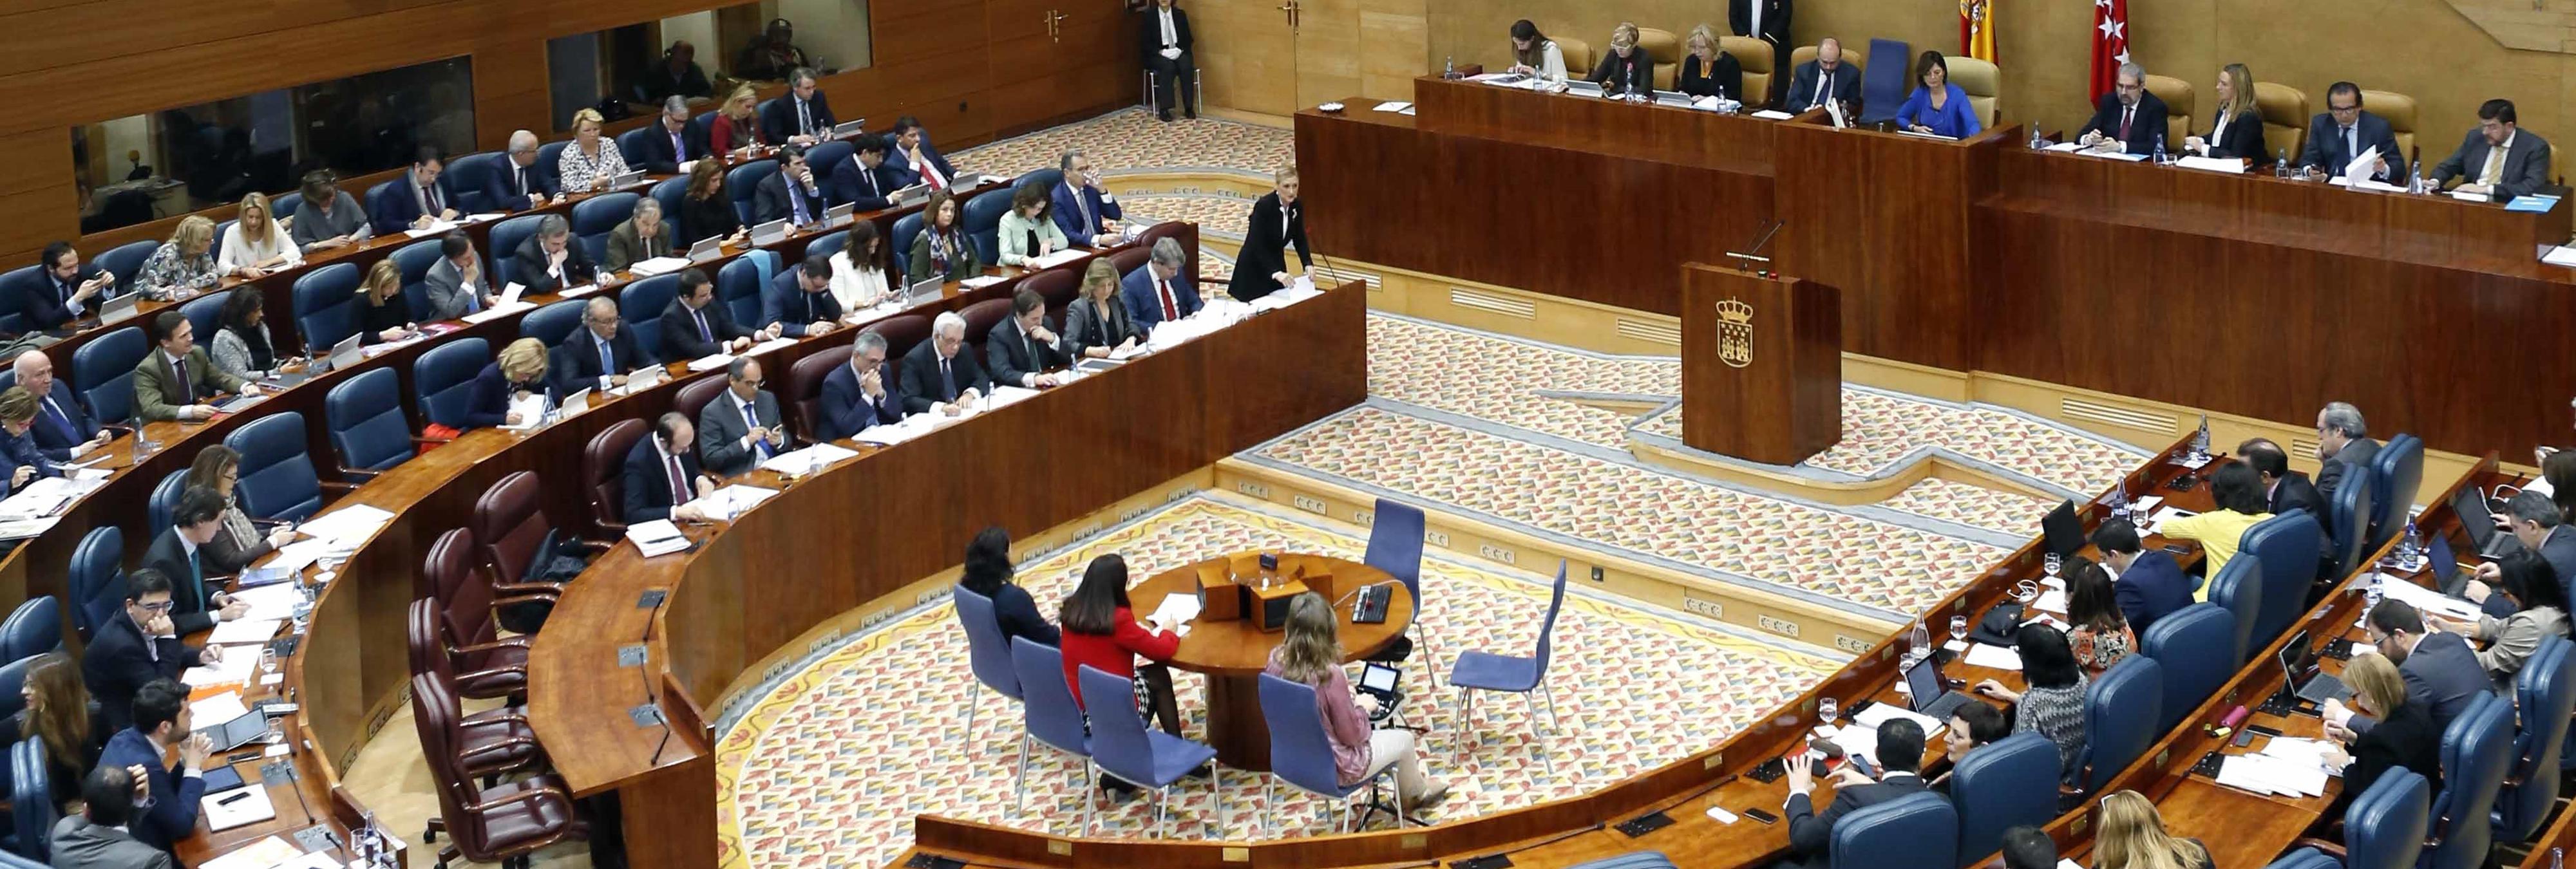 La Asamblea de Madrid aprueba la retirada de la condición de entidad de utilidad pública a Hazte Oír